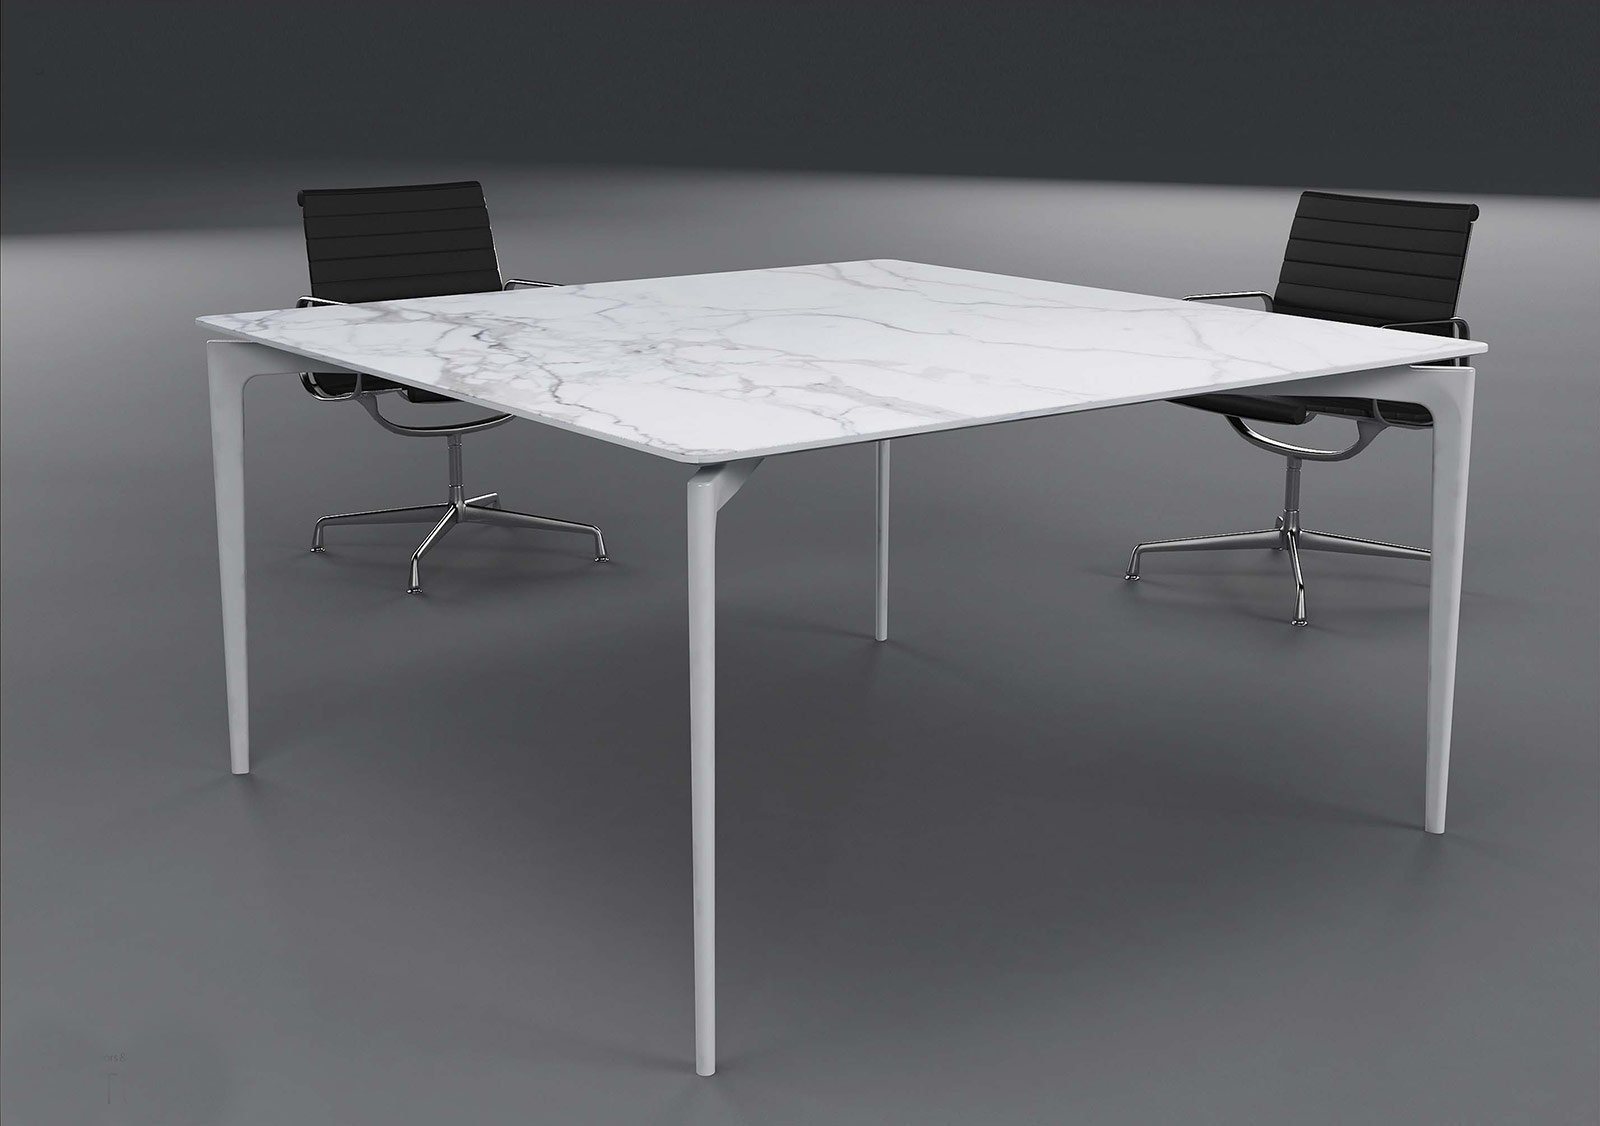 Tavoli con struttura in metallo. Dal Salone del Mobile 2014 - Cose ...